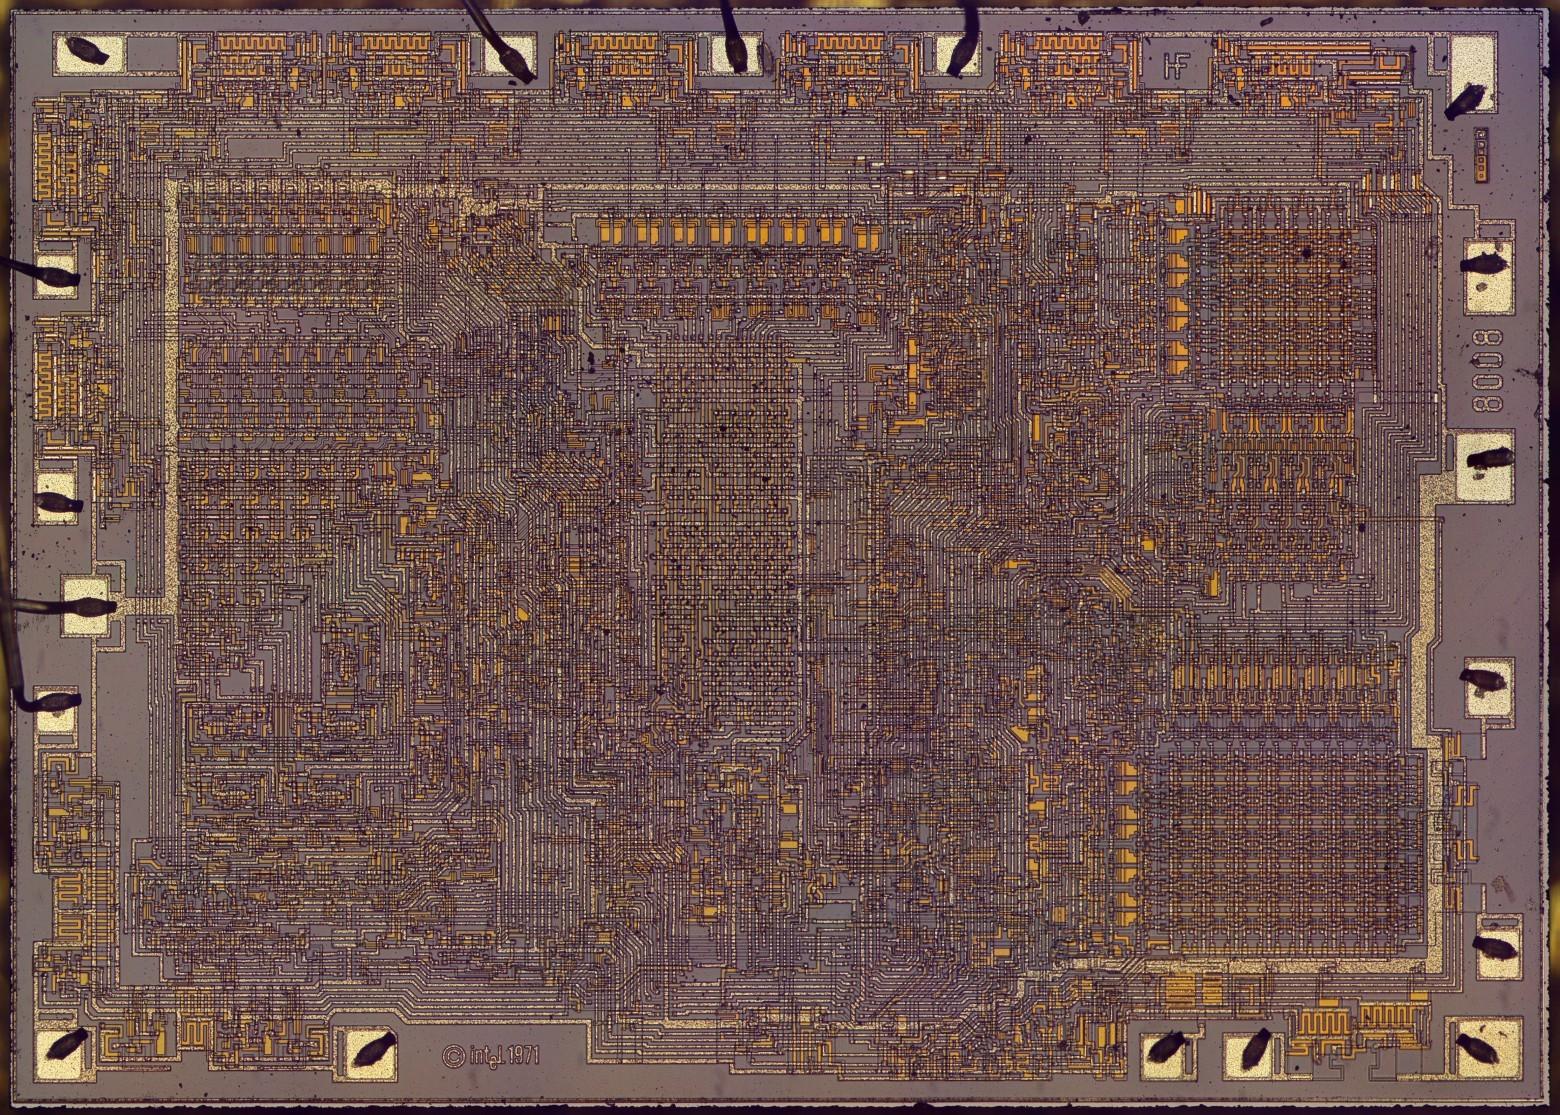 Фотографии кристалла процессора Intel 8008, который дал жизнь первым ПК - 5